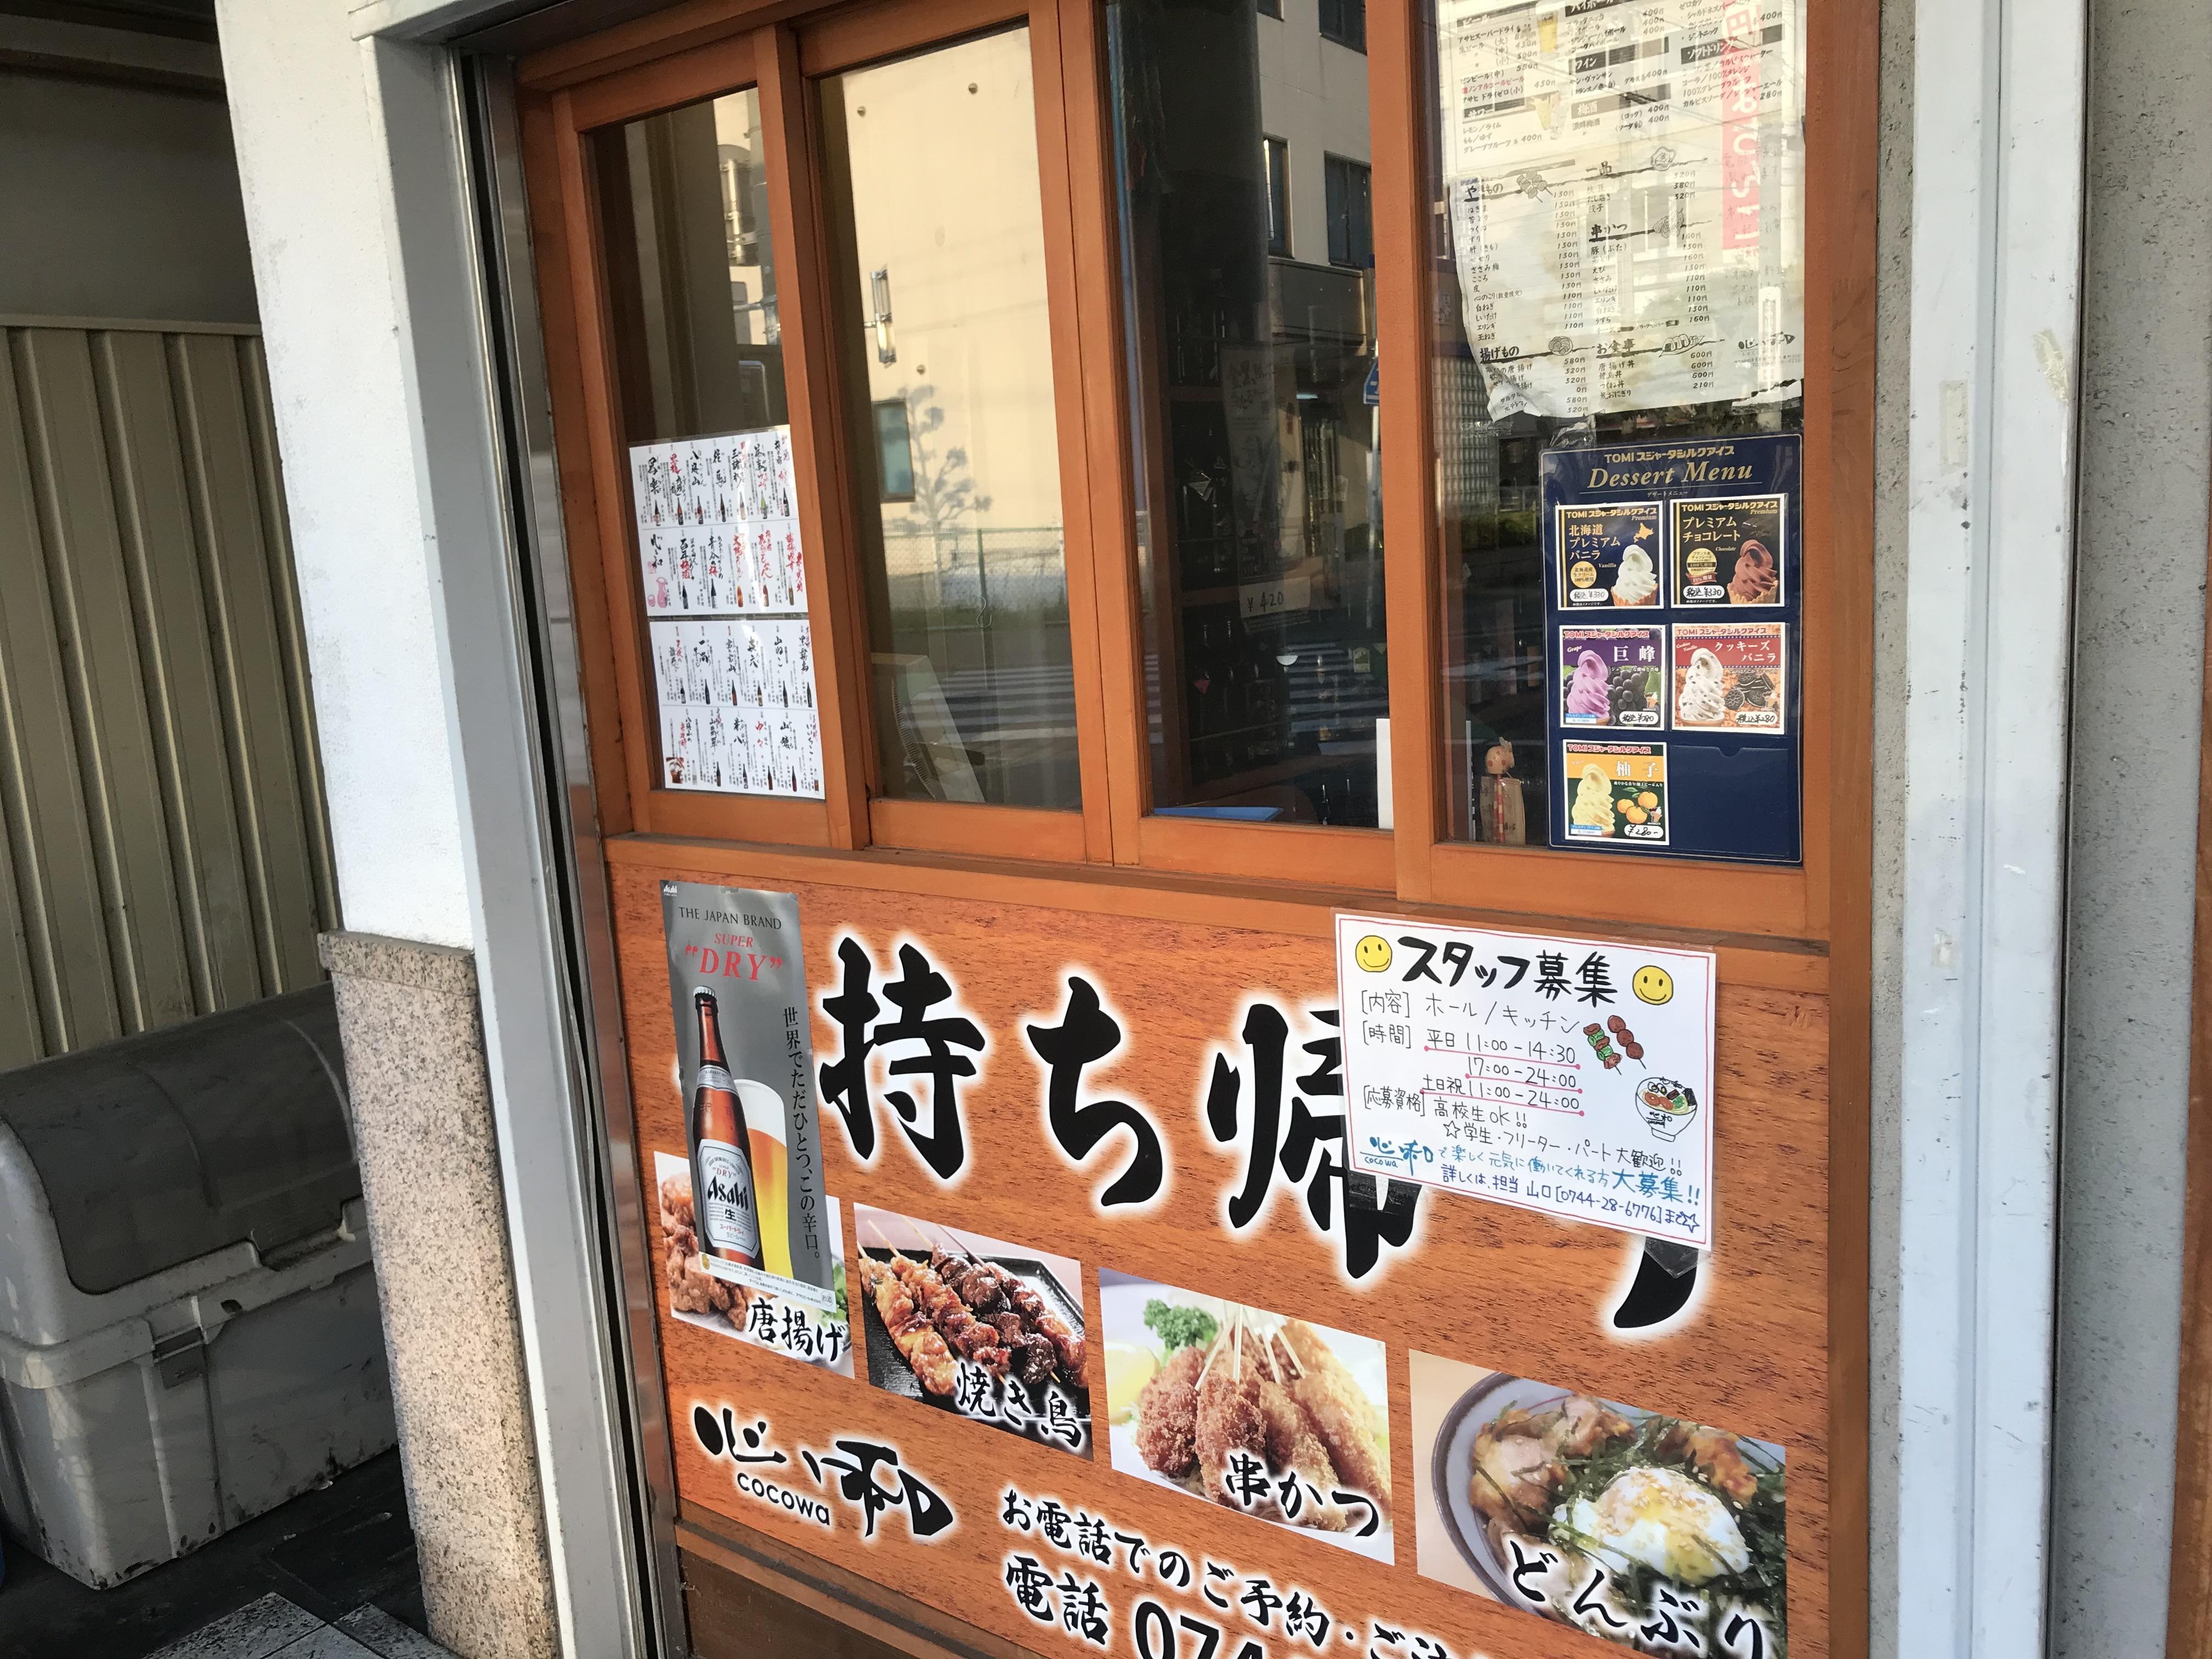 橿原神宮前駅すぐの居酒屋心ゝ和(ここわ・心和)の入り口にある持ち帰りカウンター